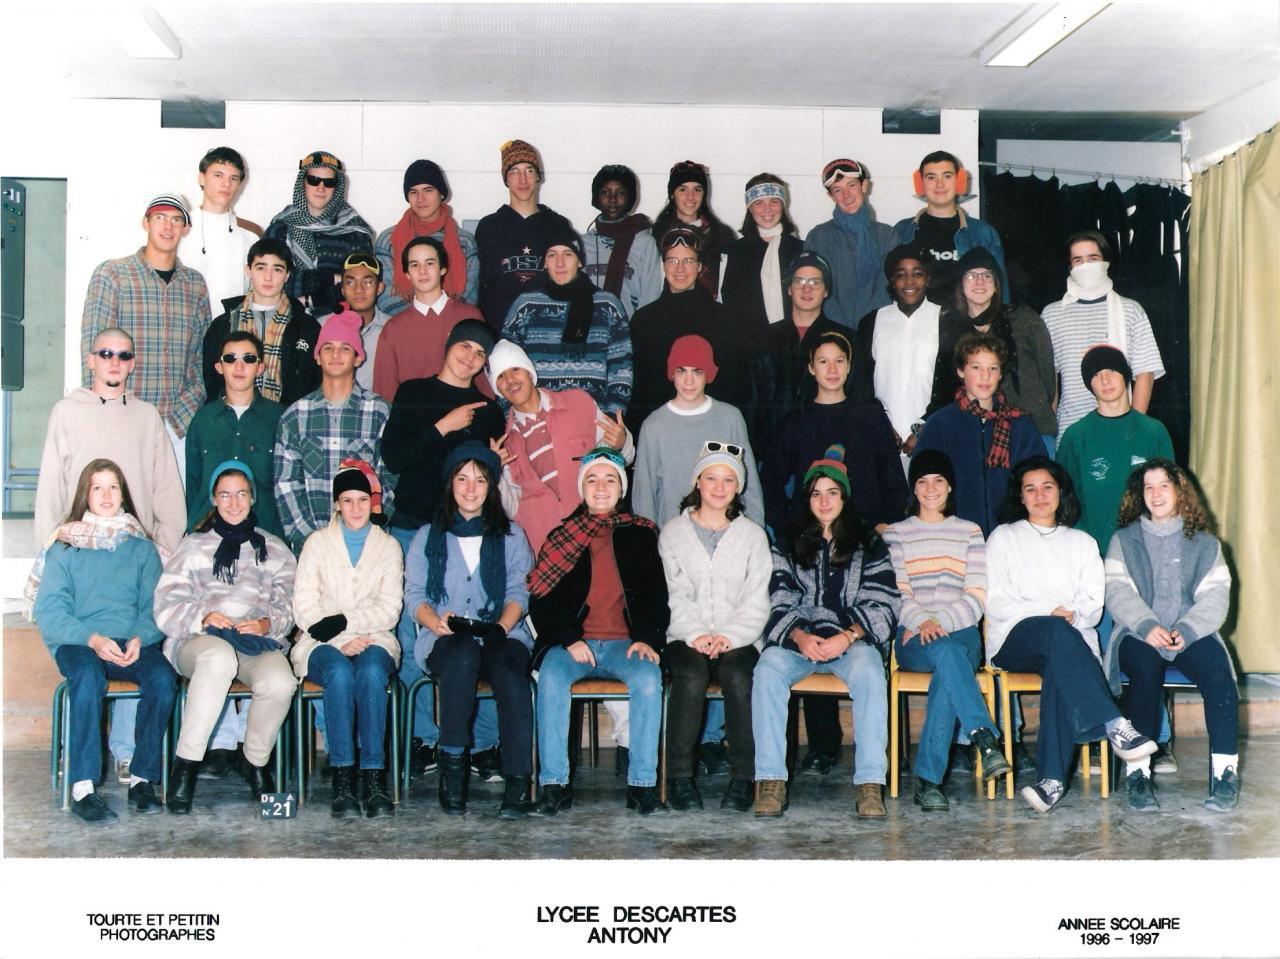 1997 - 1S1 - TOURTE